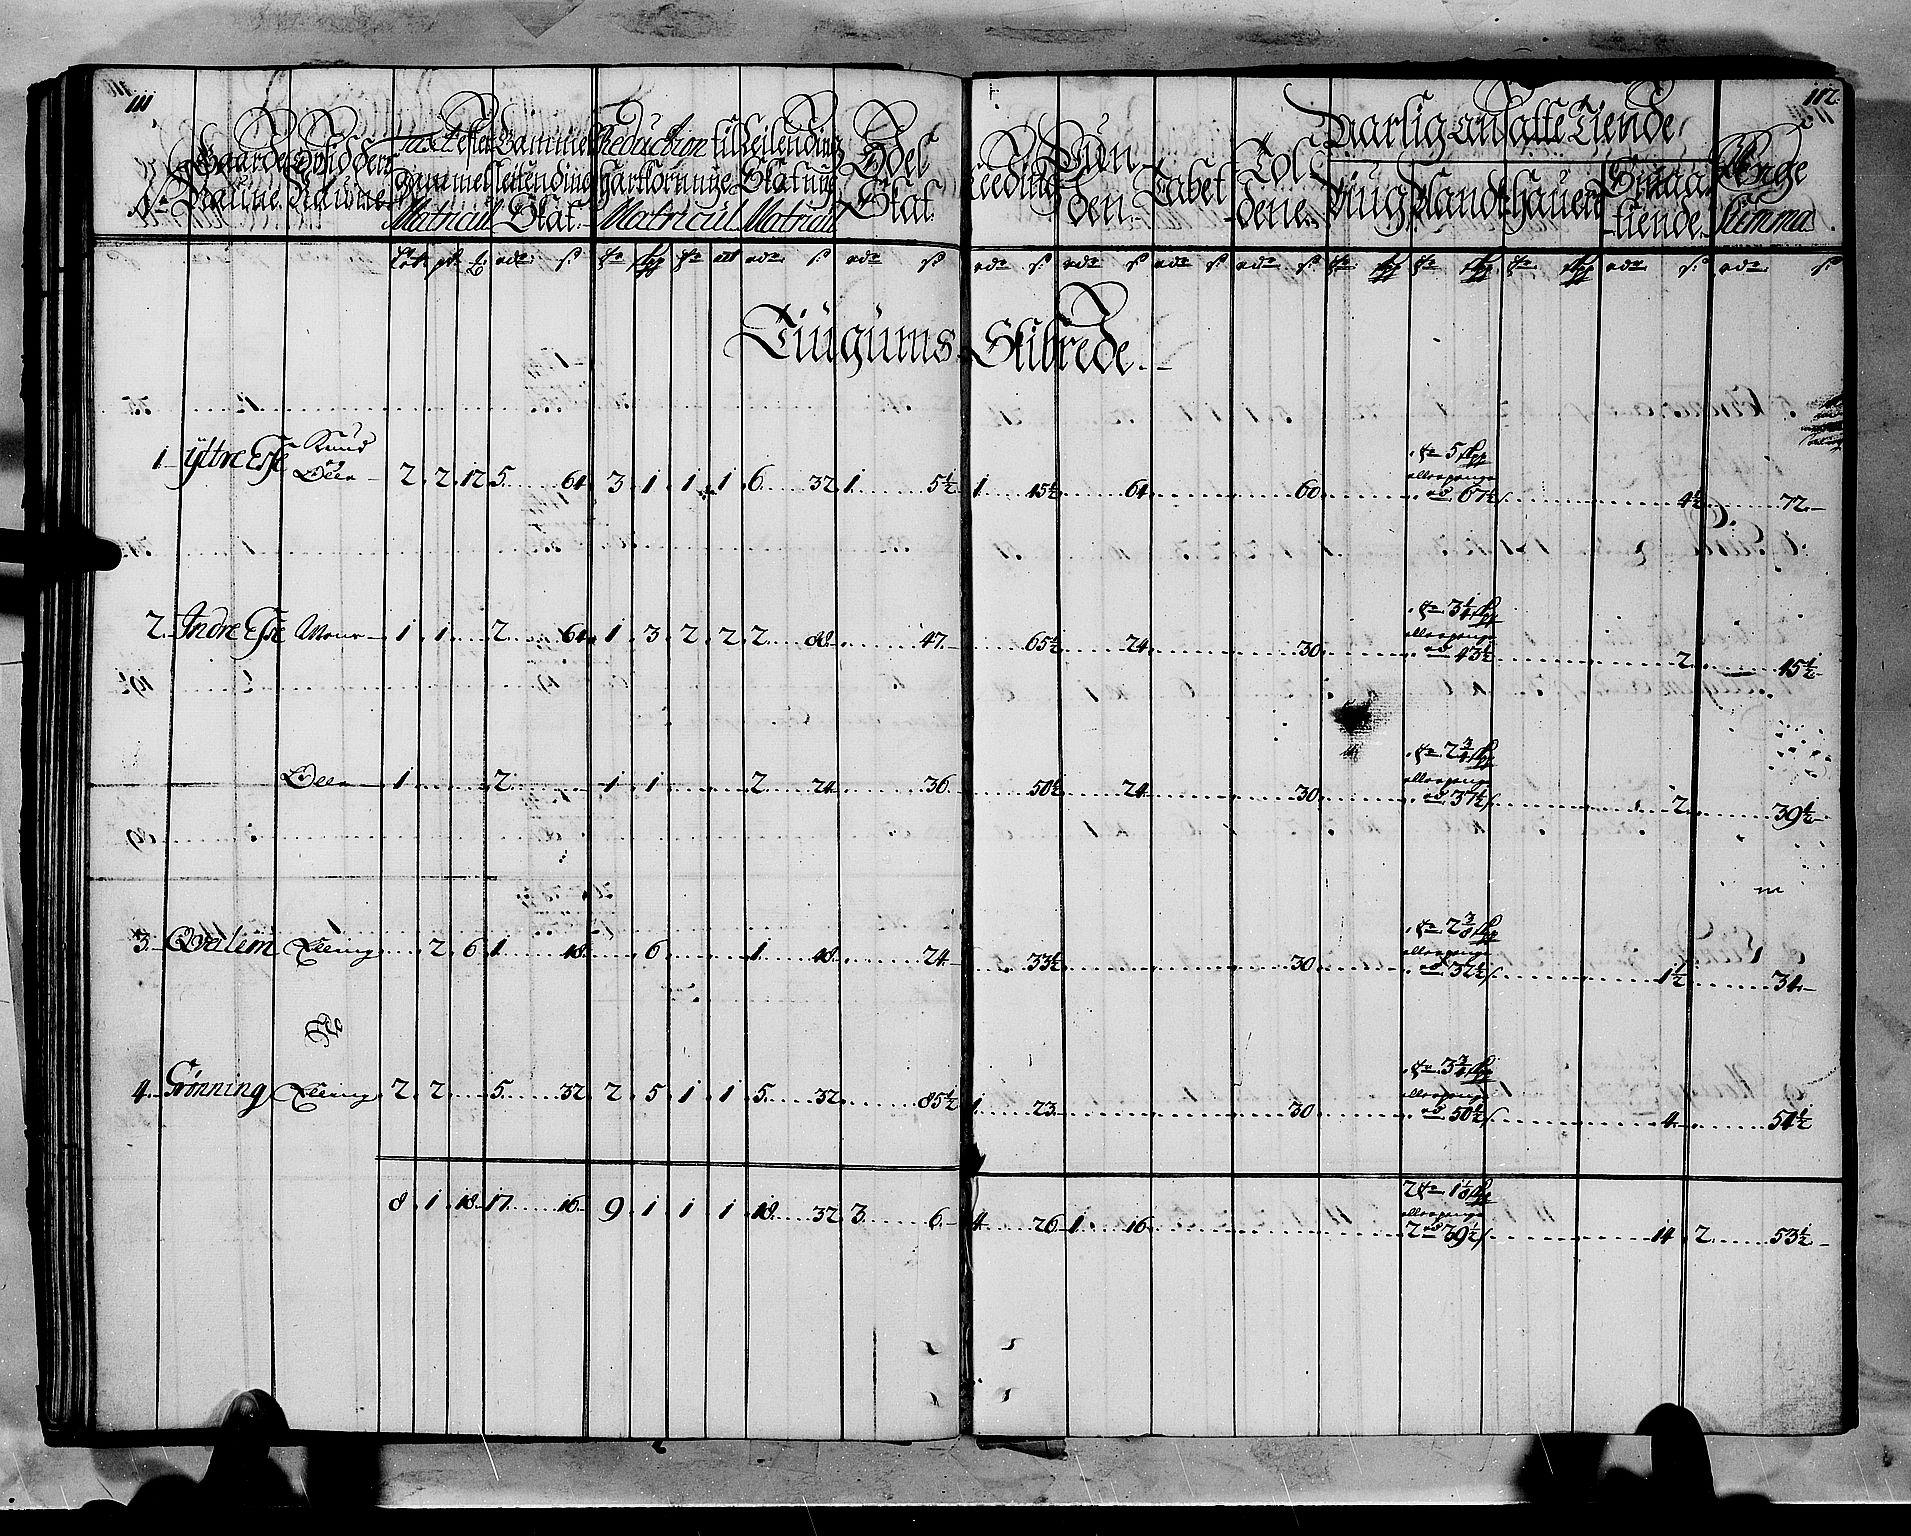 RA, Rentekammeret inntil 1814, Realistisk ordnet avdeling, N/Nb/Nbf/L0145: Ytre Sogn matrikkelprotokoll, 1723, s. 111-112